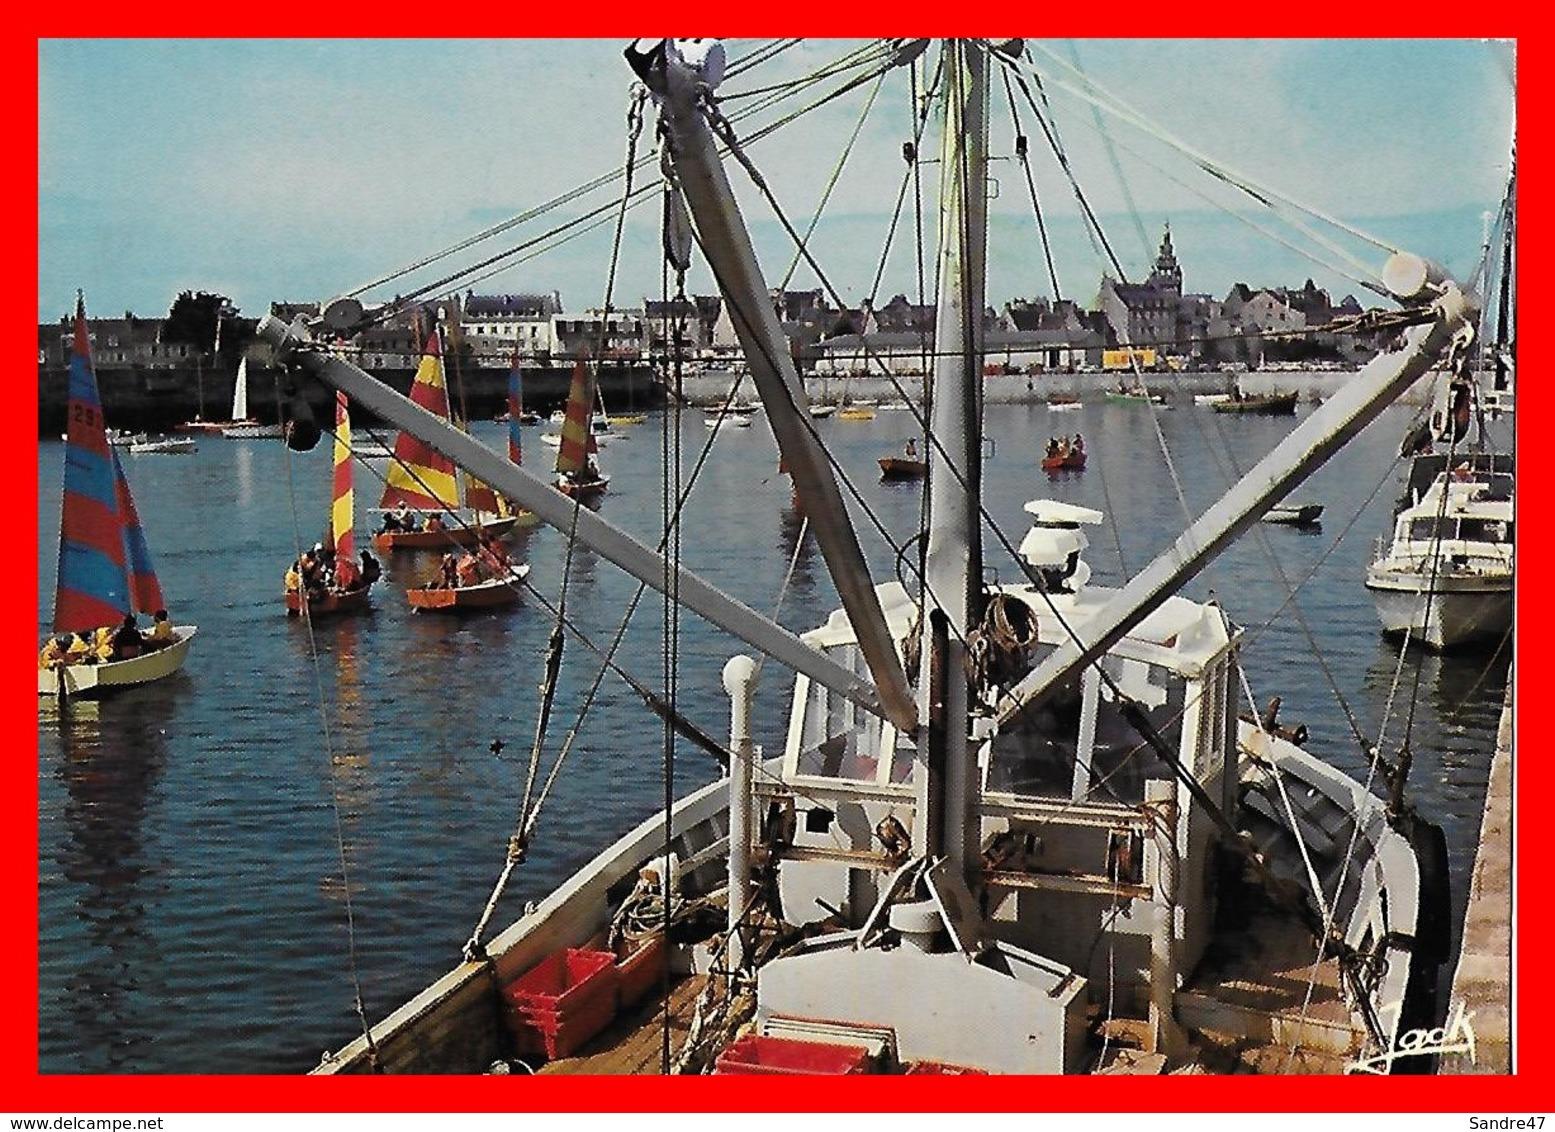 CPSM/gf (29) ROSCOFF.   Le Port, Animé, Bateau De Pêche, Barque à Voile...E738 - Roscoff